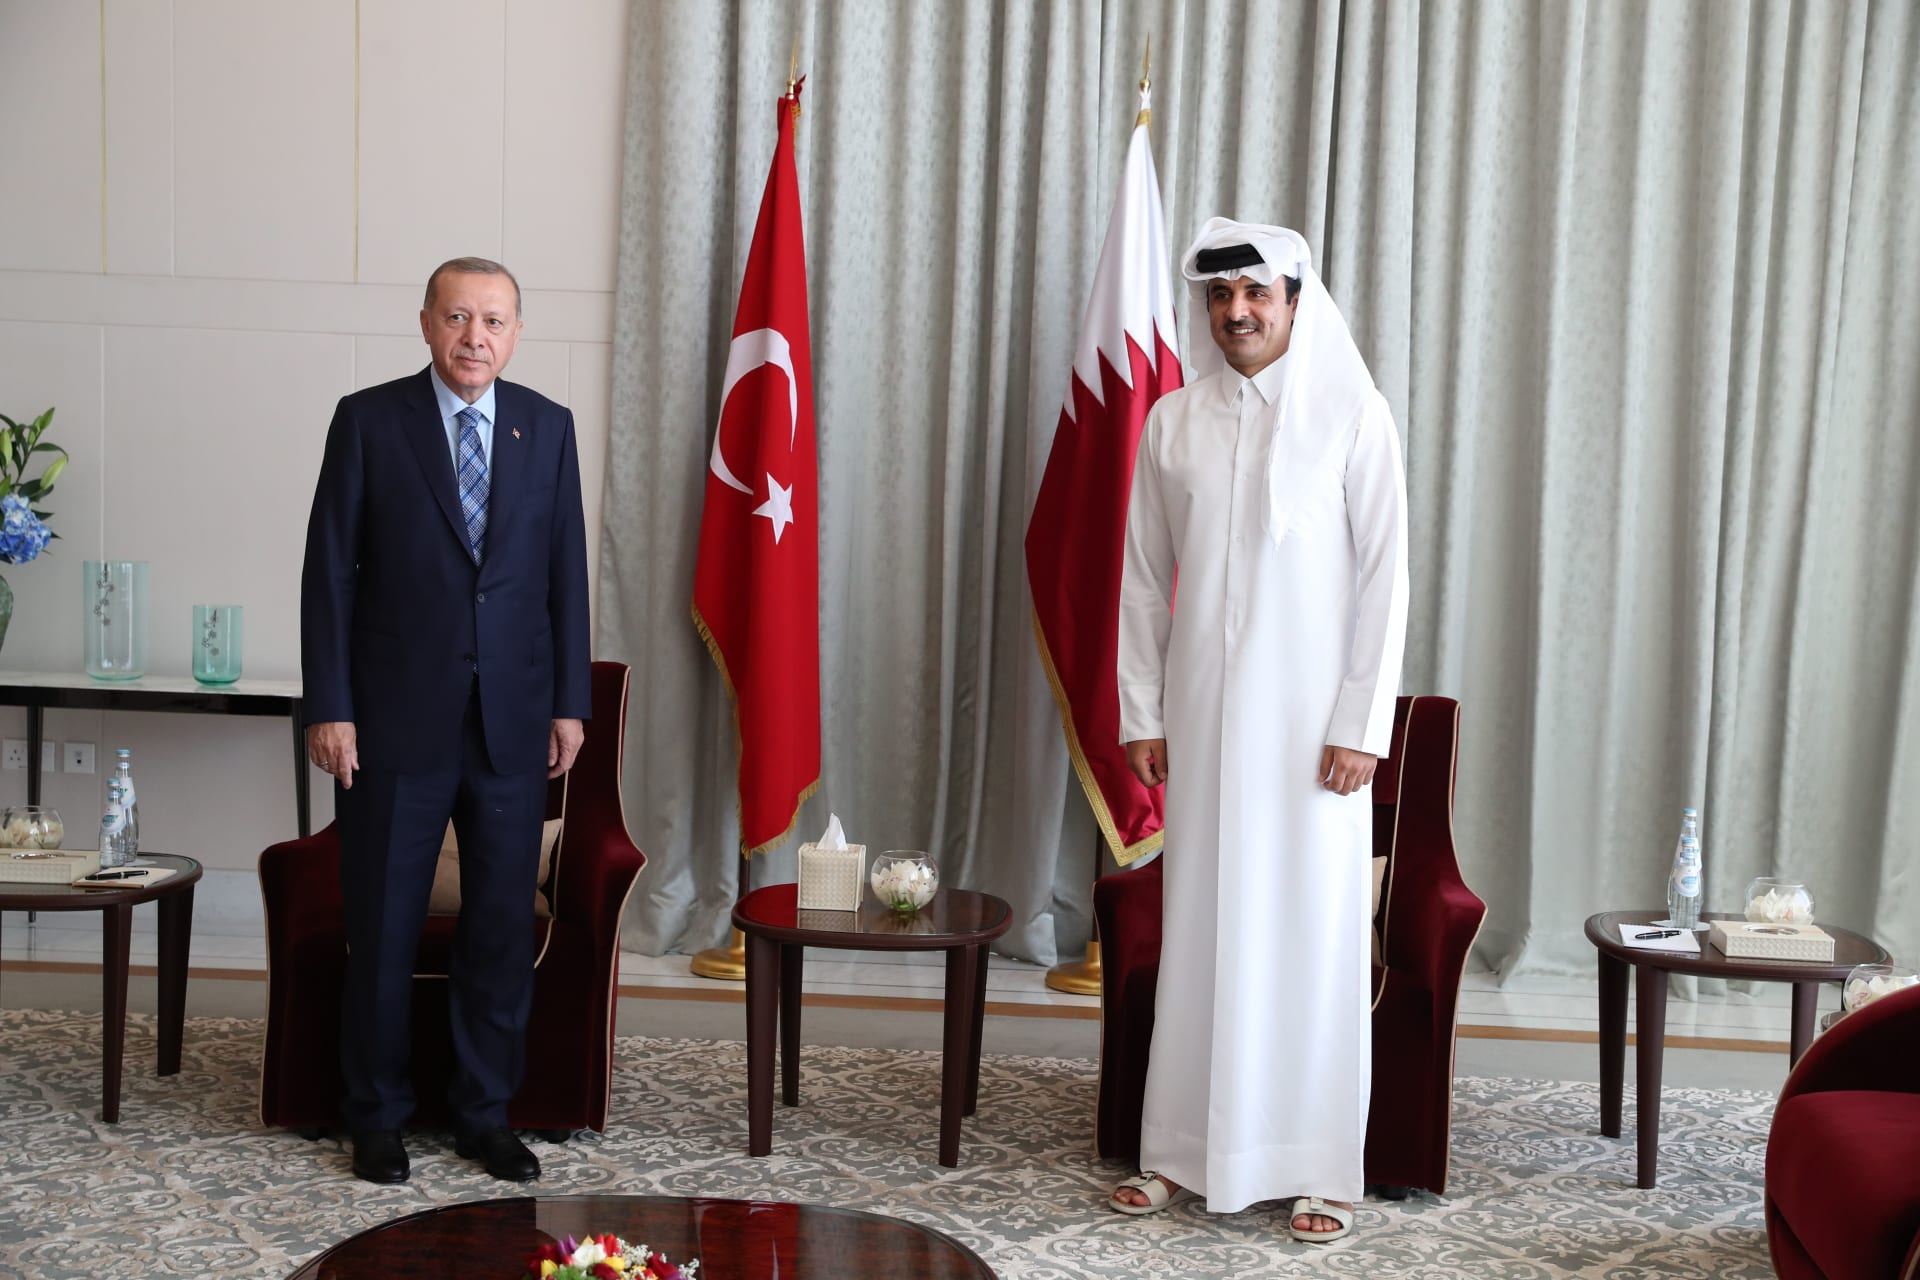 صورة أرشيفية من آخر زيارة للرئيس التركي إلى قطر واسقباله من قبل الشيخ تميم